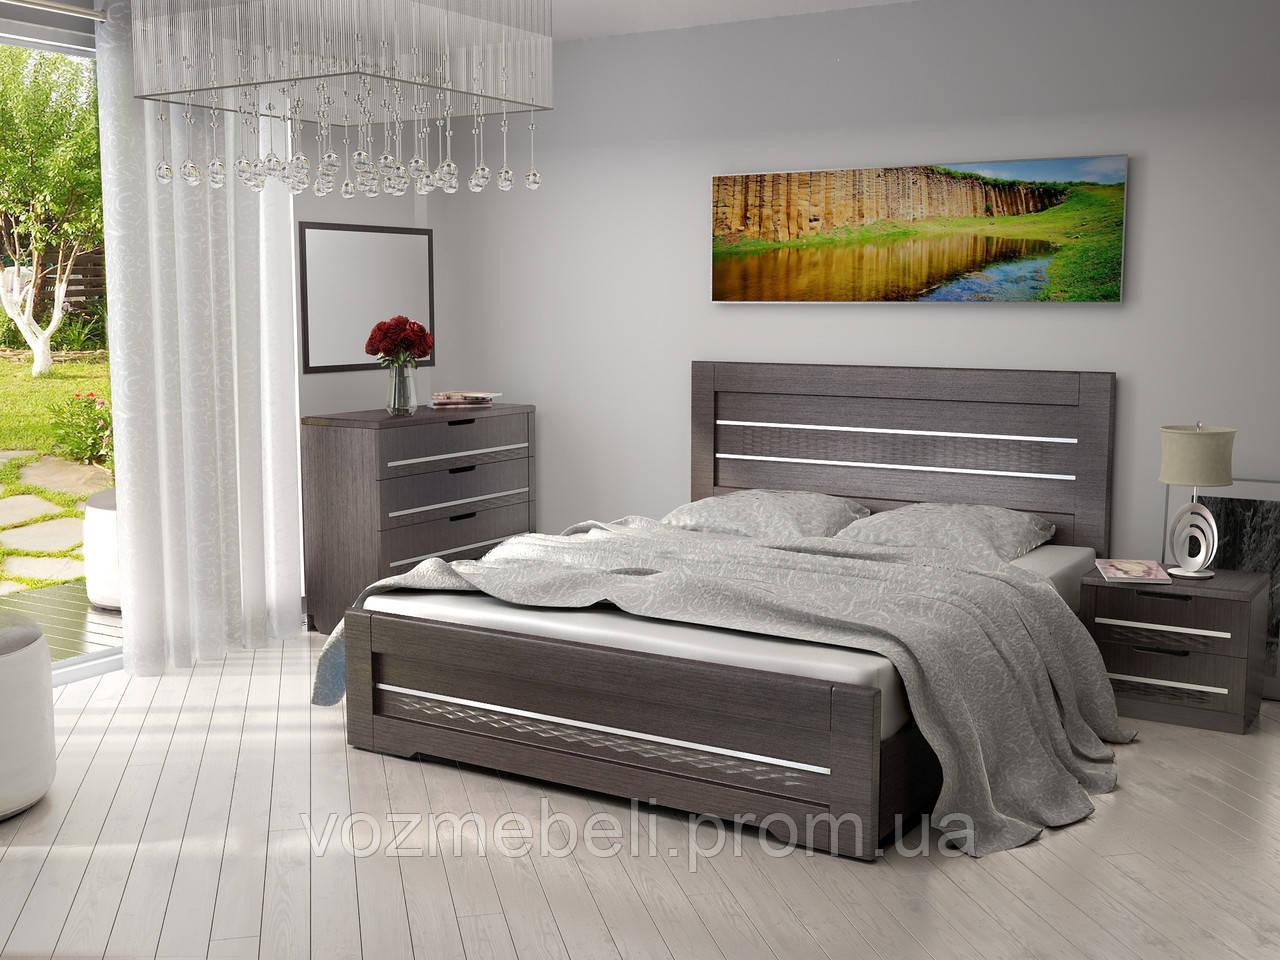 Кровать Соломия 120*200 /Неман/